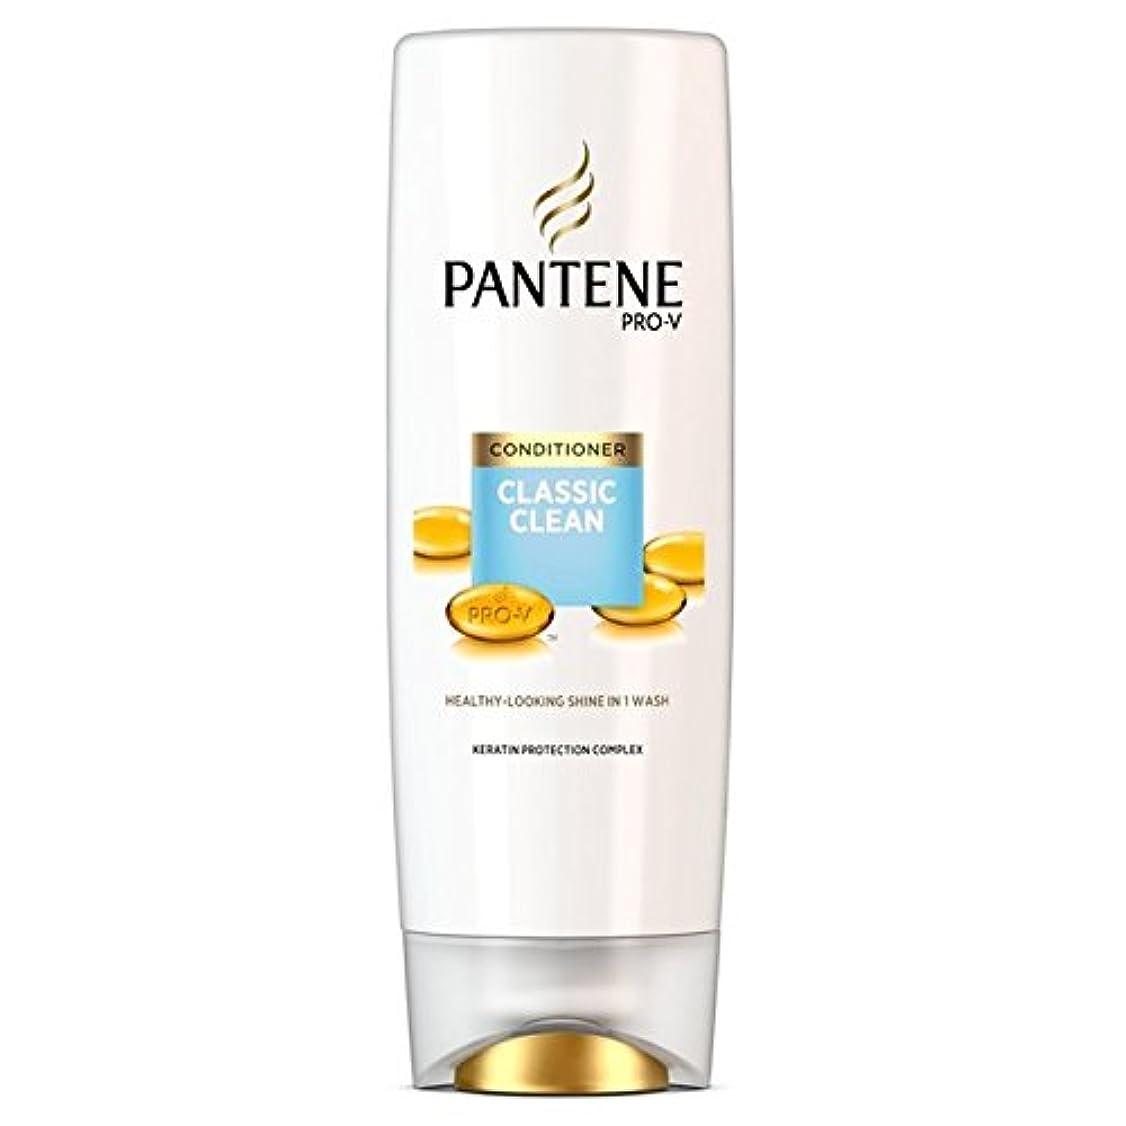 バレエテセウスベイビーパンテーン古典的なクリーンコンディショナー360ミリリットル x2 - Pantene Classic Clean Conditioner 360ml (Pack of 2) [並行輸入品]